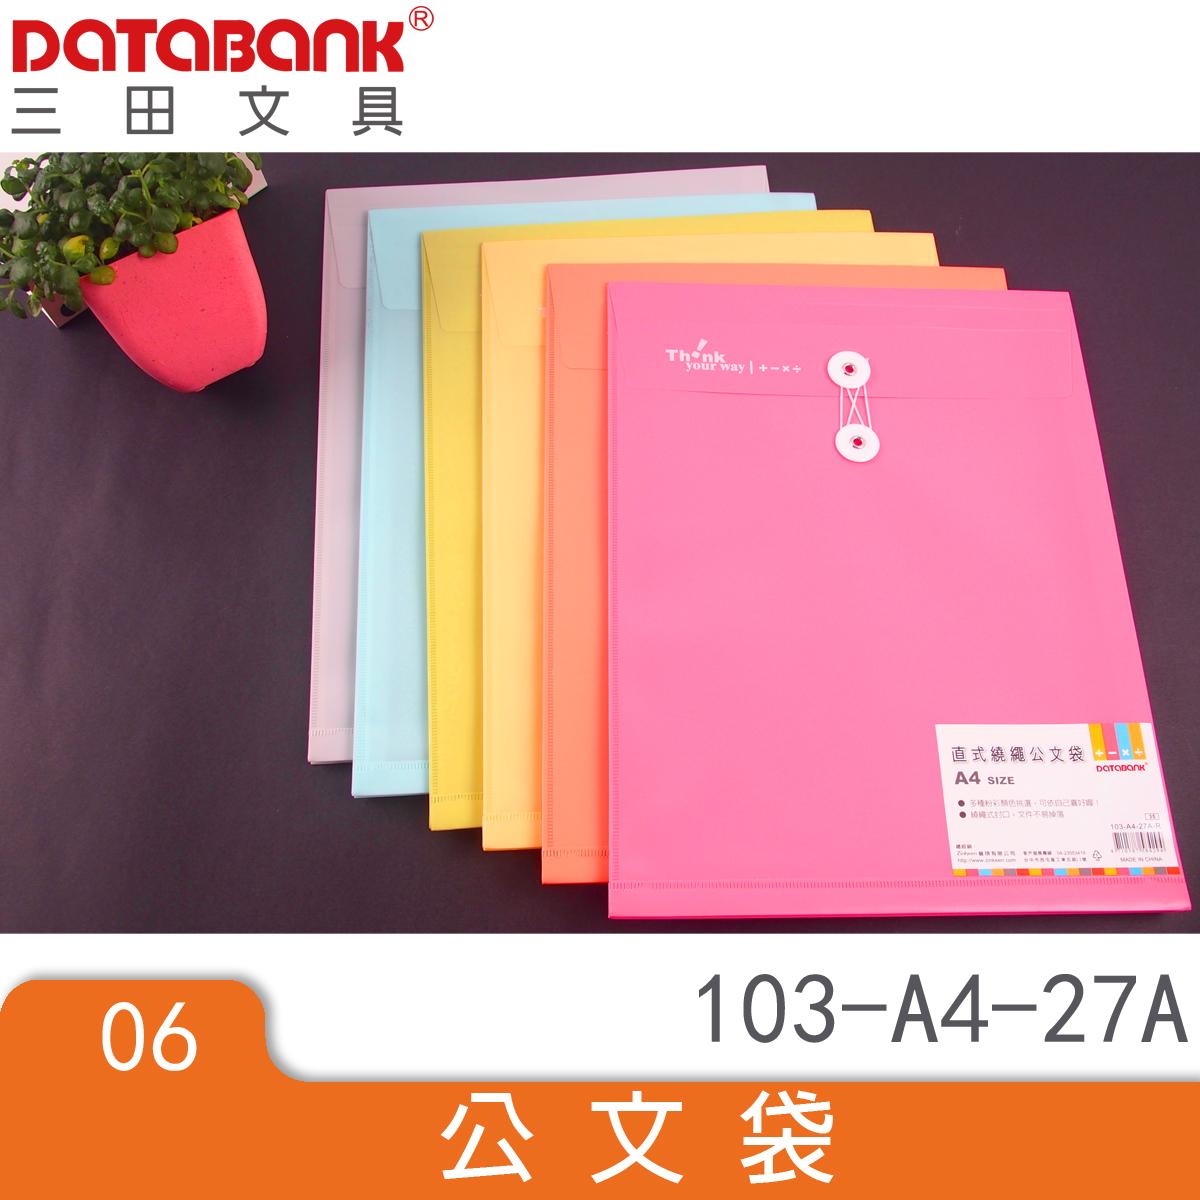 A4 直式附繩公文袋-12個/組(103-A4-27A) 文具 資料夾 文件夾批發零售 優惠團購價 DATABANK